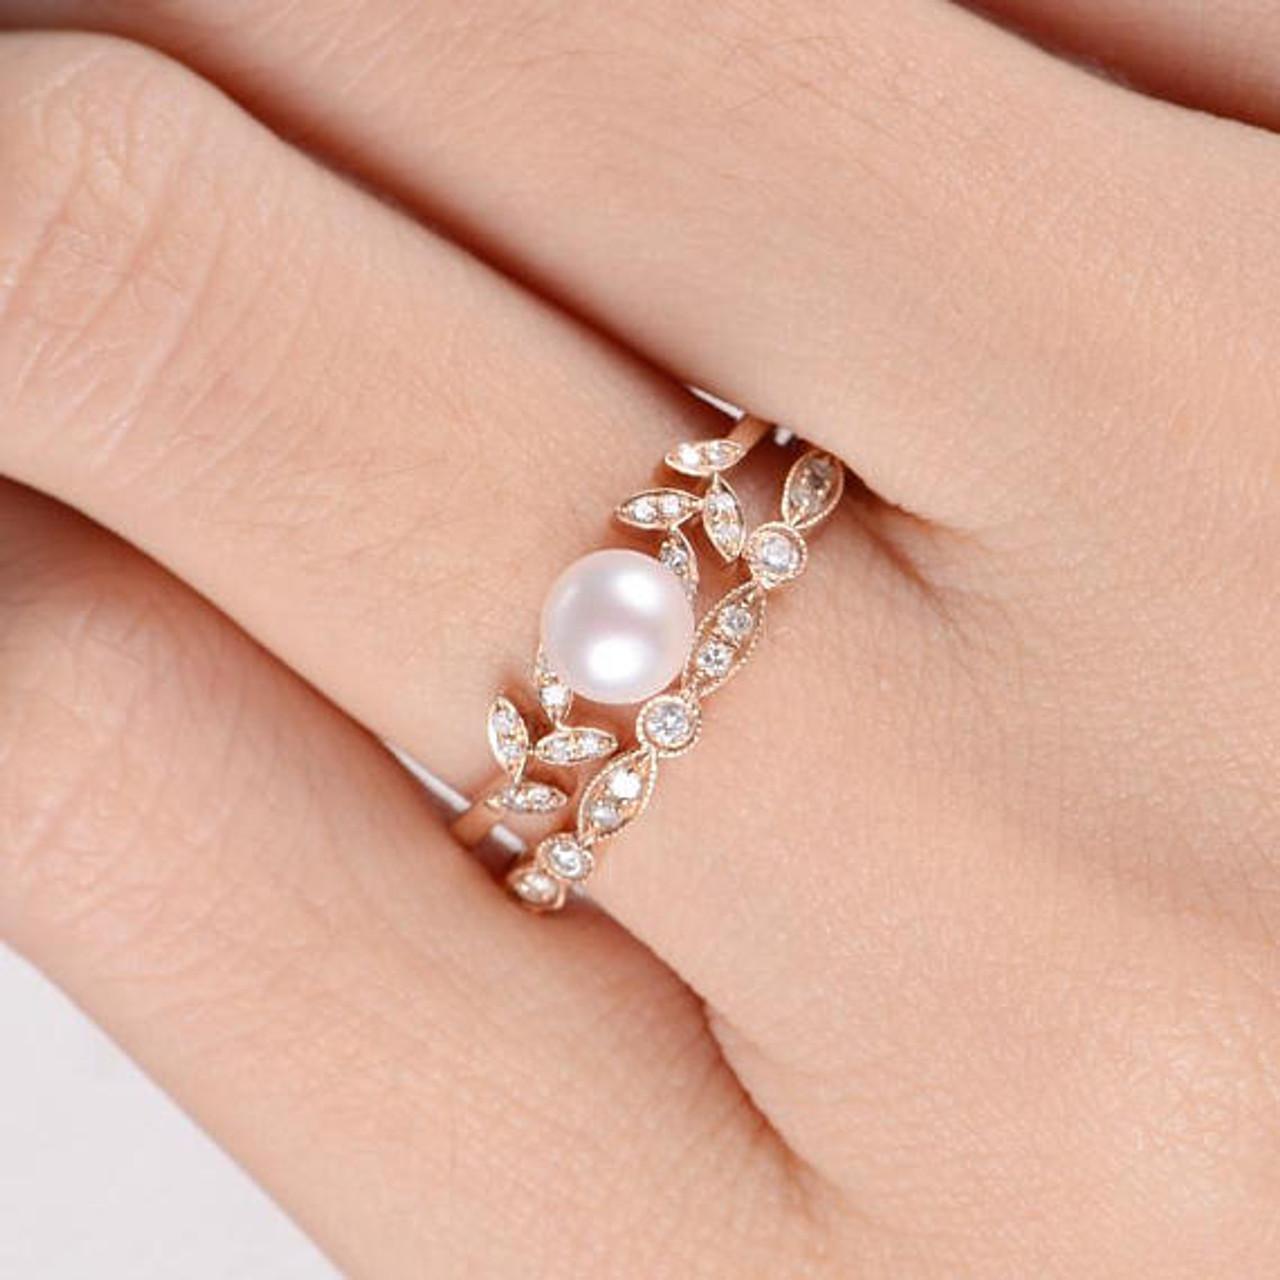 pearl wedding ring sets - Wedding Decor Ideas